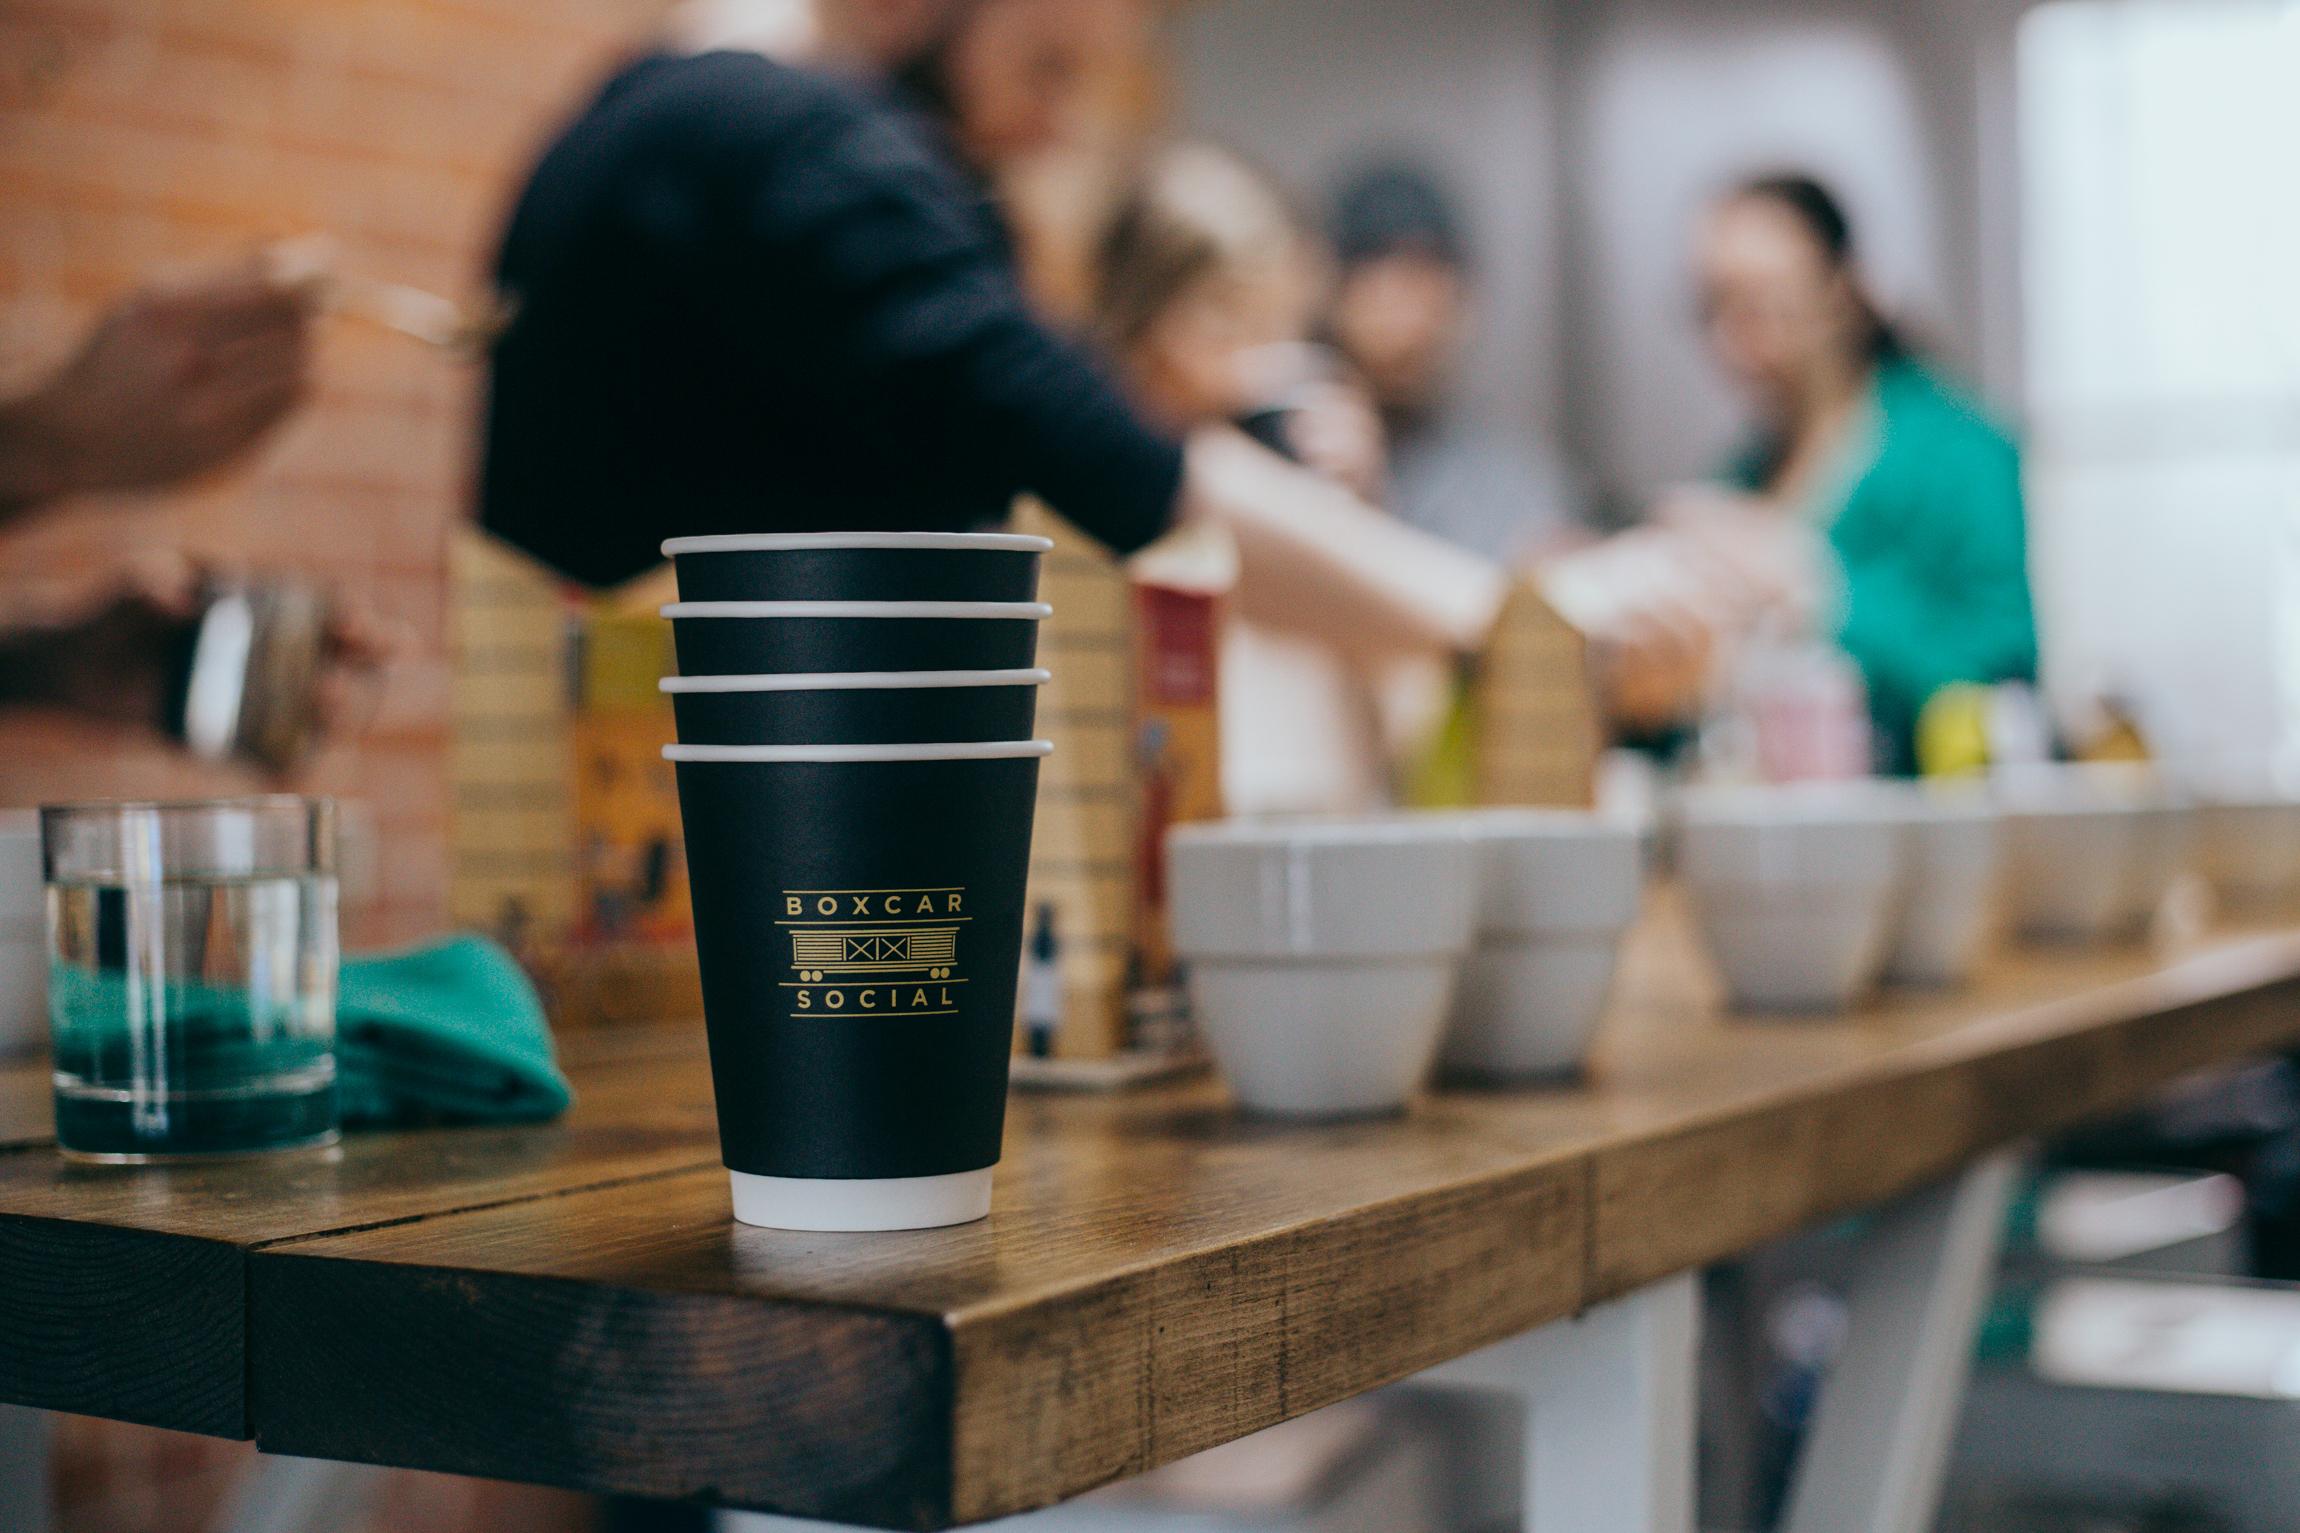 Boxcar Social - Coffee Cupping (Feb 17 2018) - Photo by Alexa Fernando @ajfernando - 61.jpg